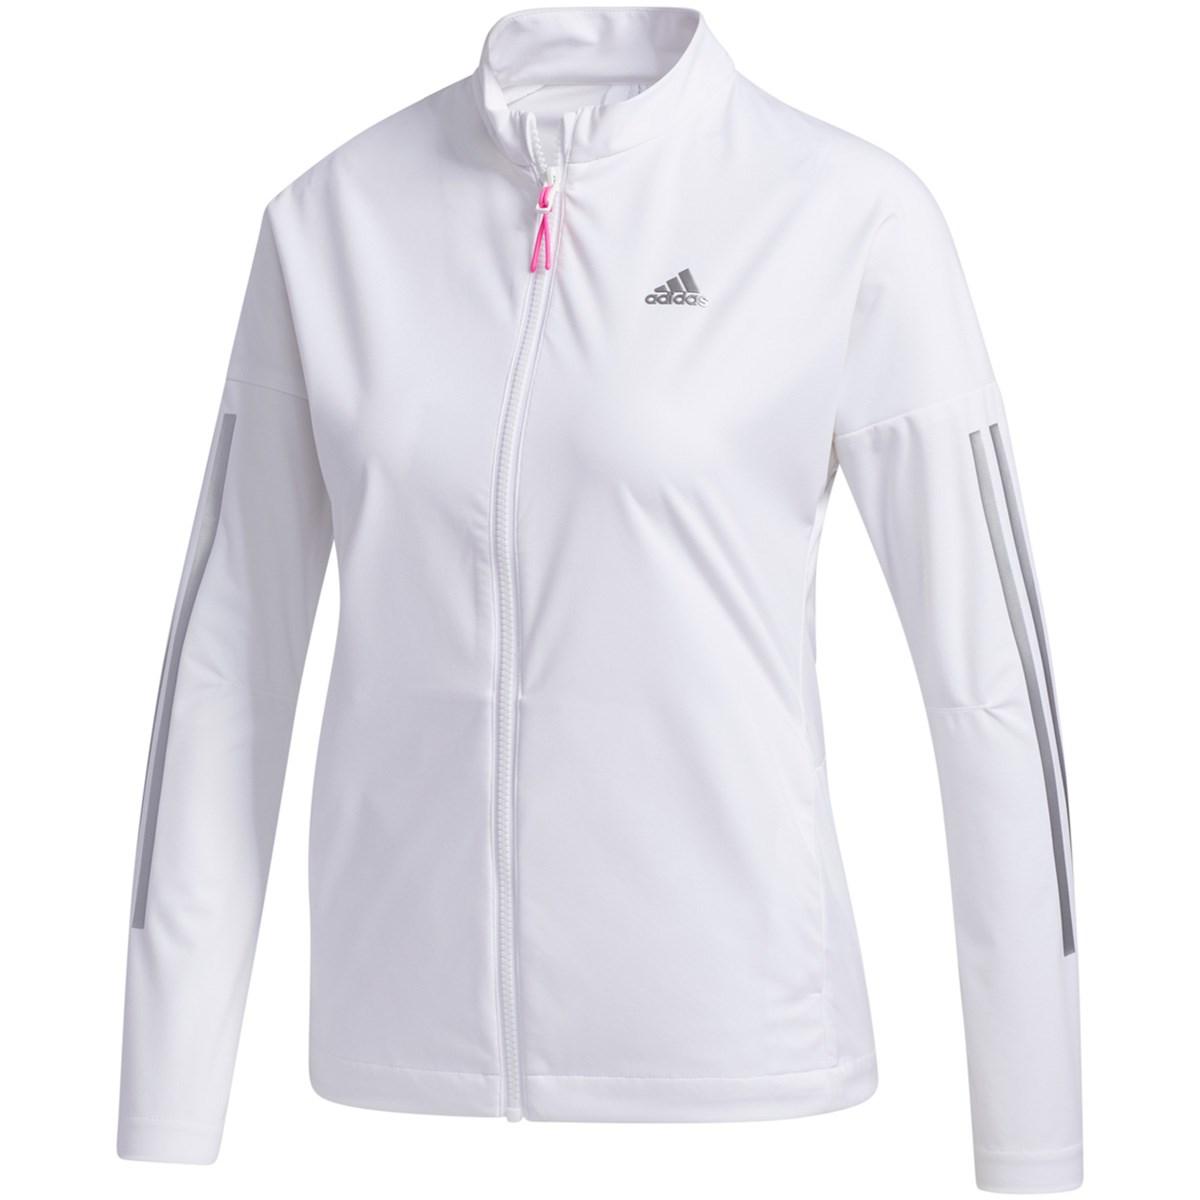 アディダス Adidas スリーレイヤー 長袖ストレッチフルジップウインドジャケット J/OT ホワイト レディス